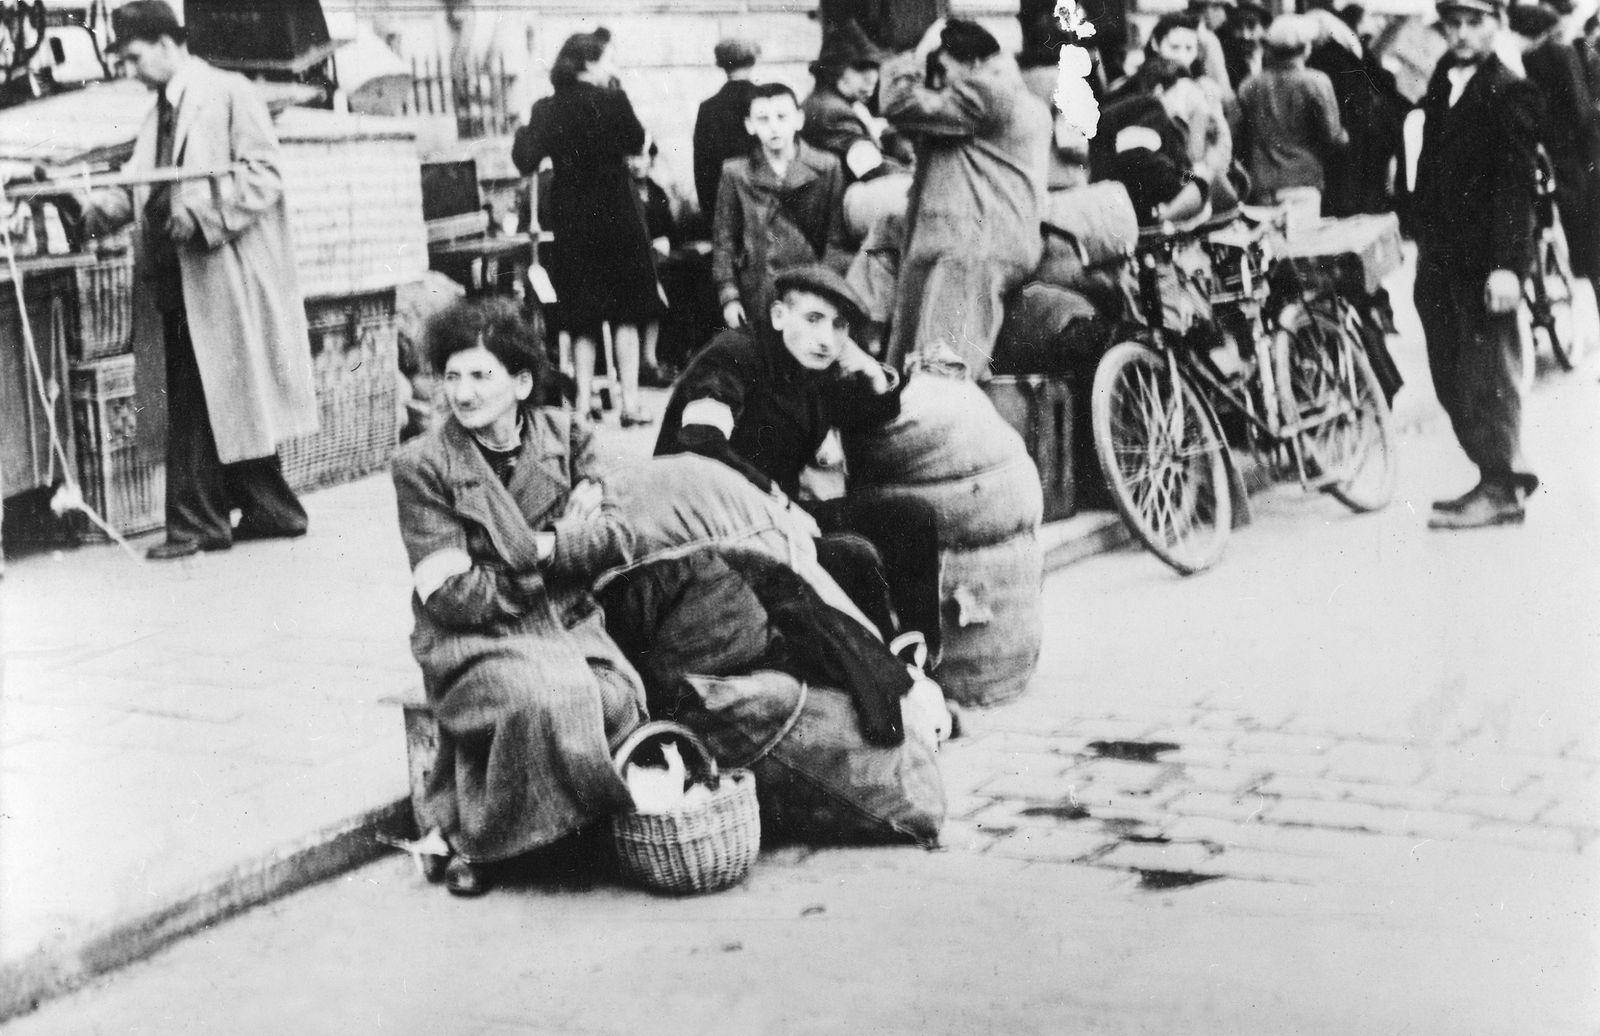 Hans Swarowsky - NS-Judenverfolgung in Polen 1940 - Juden warten in Krakau auf ihren Abtransport